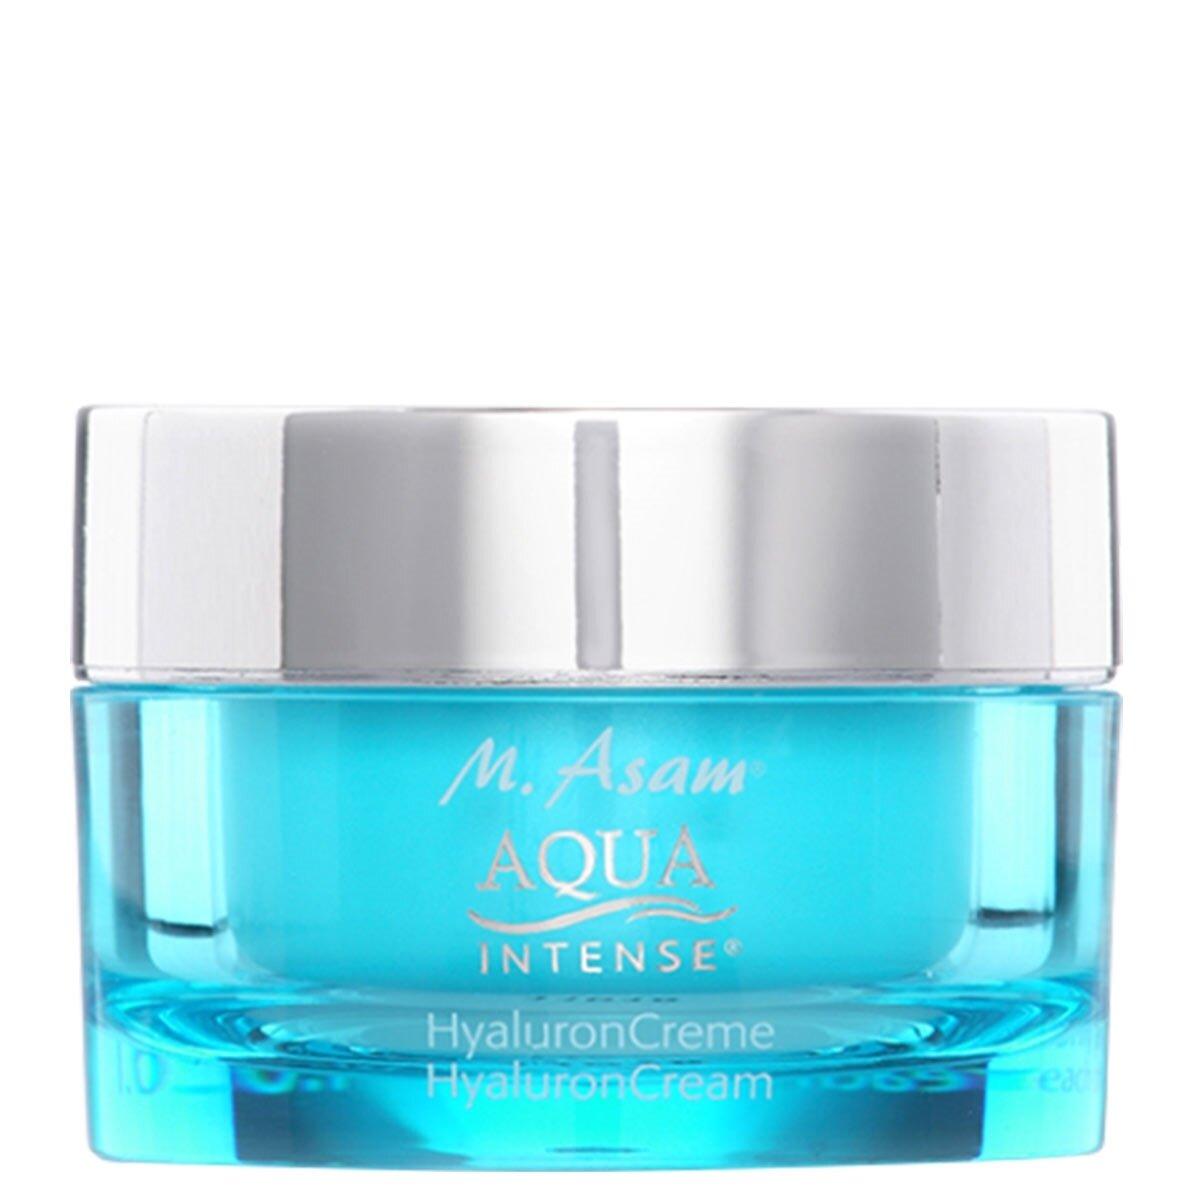 Aqua Intense Supreme Hyaluronlu Yüz Kremi 50 ml